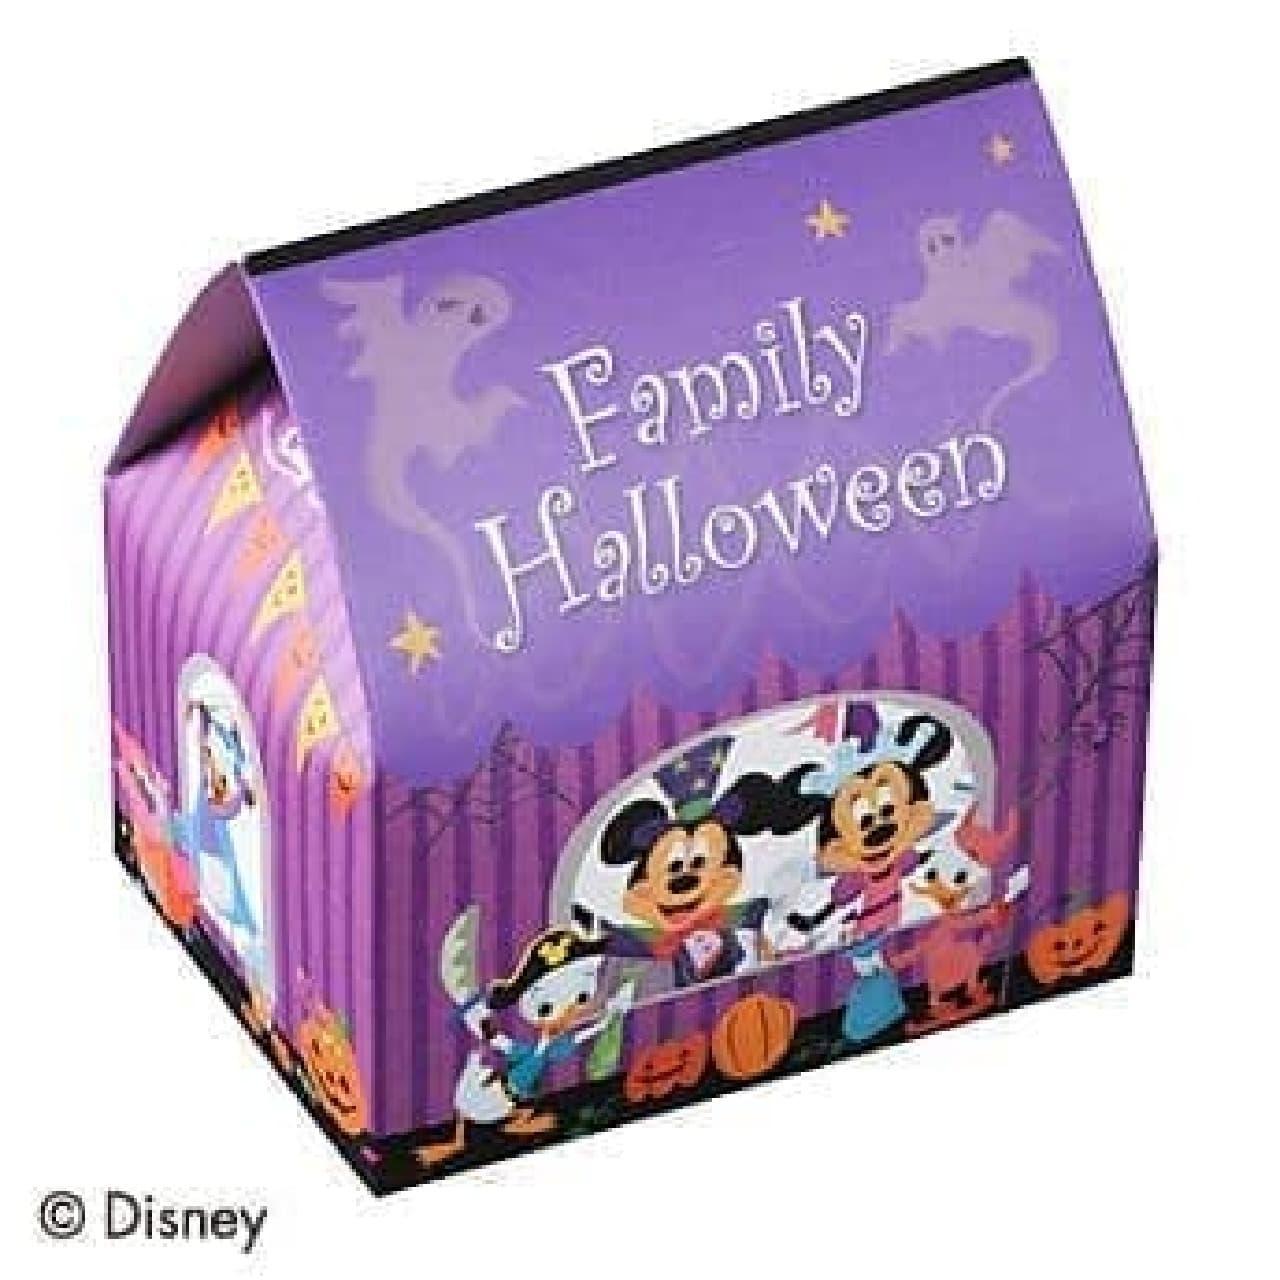 ディズニーのハロウィン限定スイーツが発売、コージーコーナーから